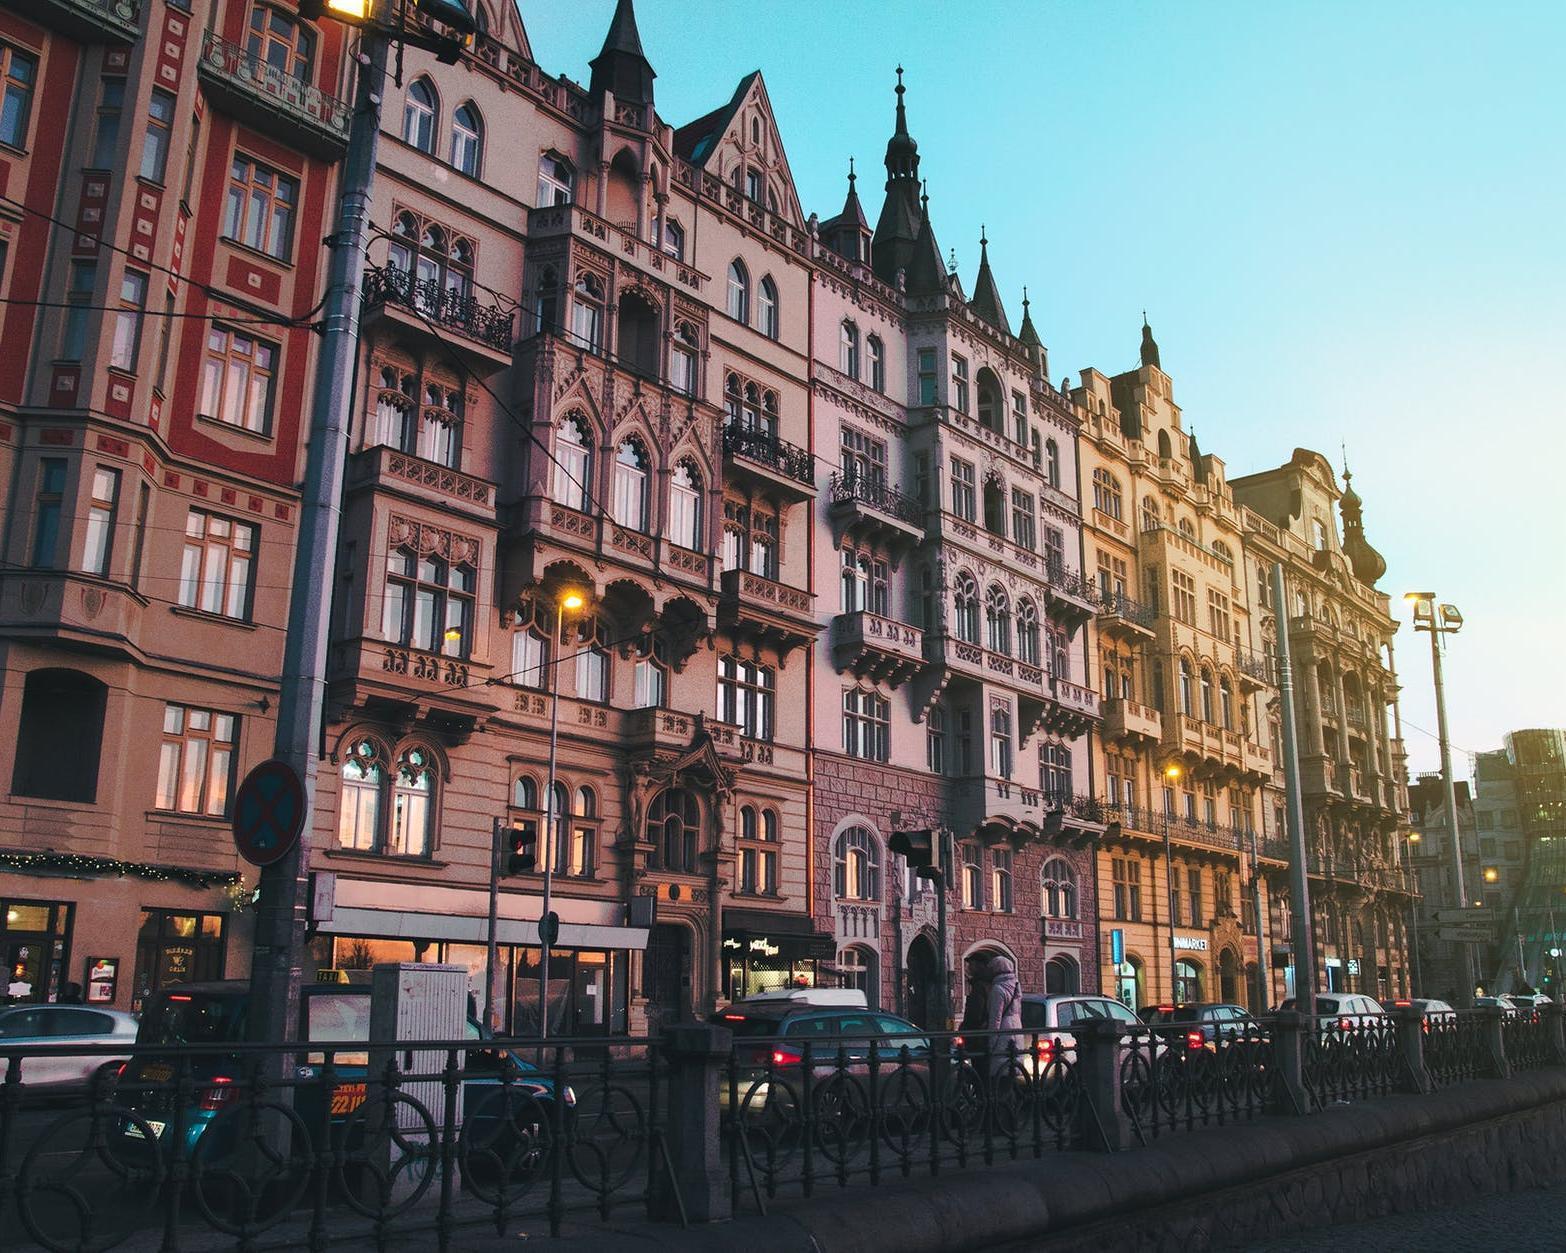 Die schönsten Hauptstädte Ost-und Mitteleuropas mit dem Flixbus entdecken: Budapest, Wien, Bratislava & Prag